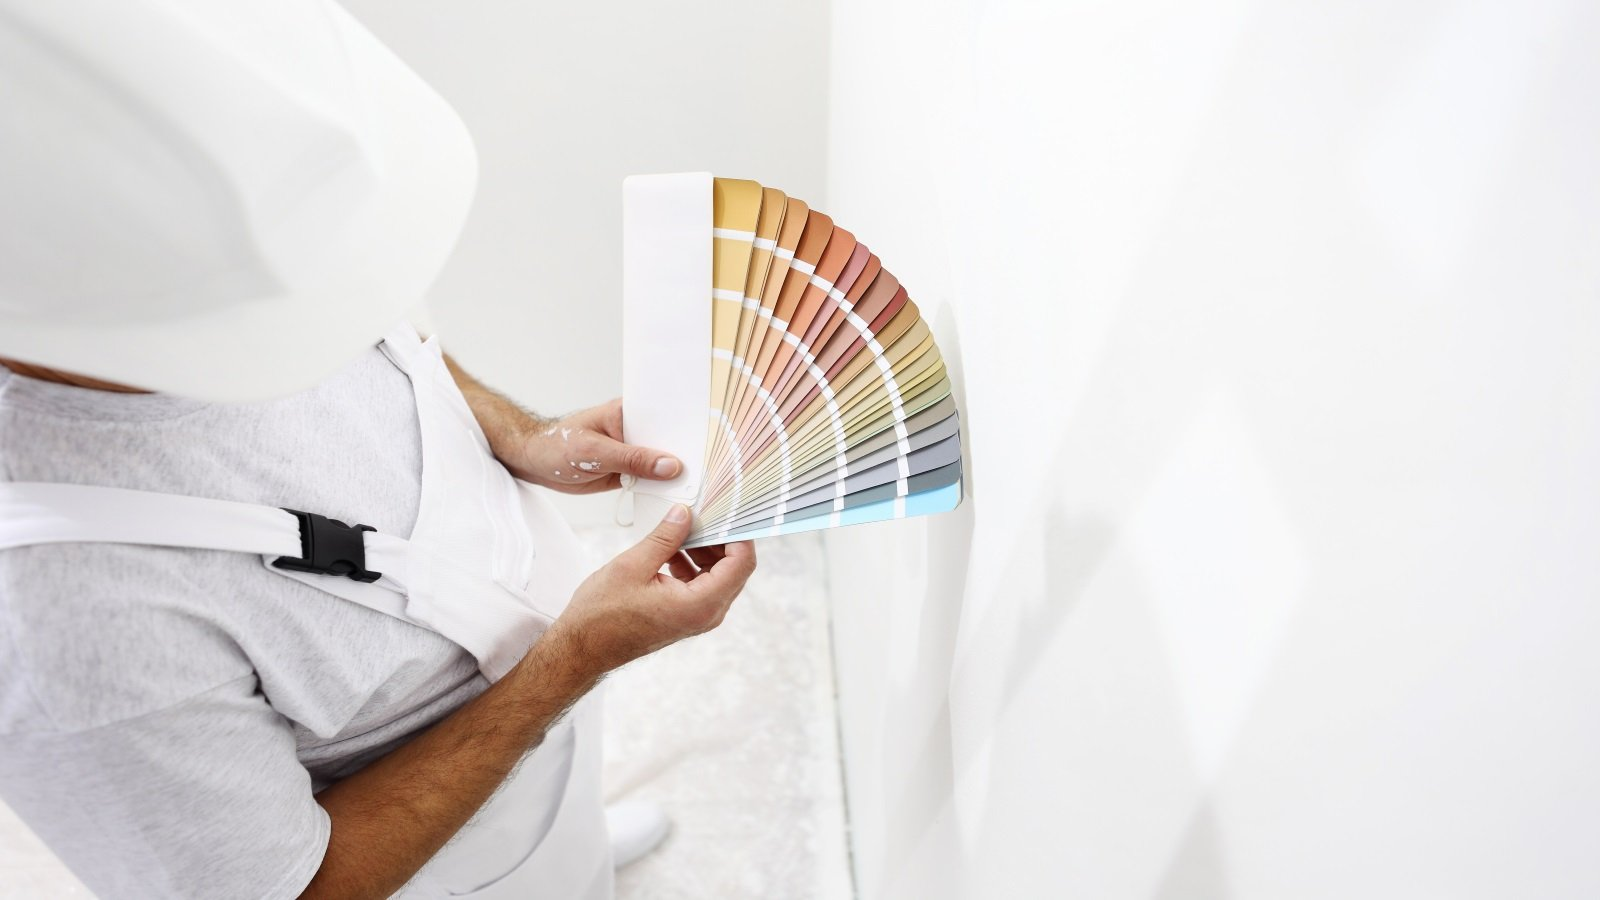 Pittore con tabella di colore in mano